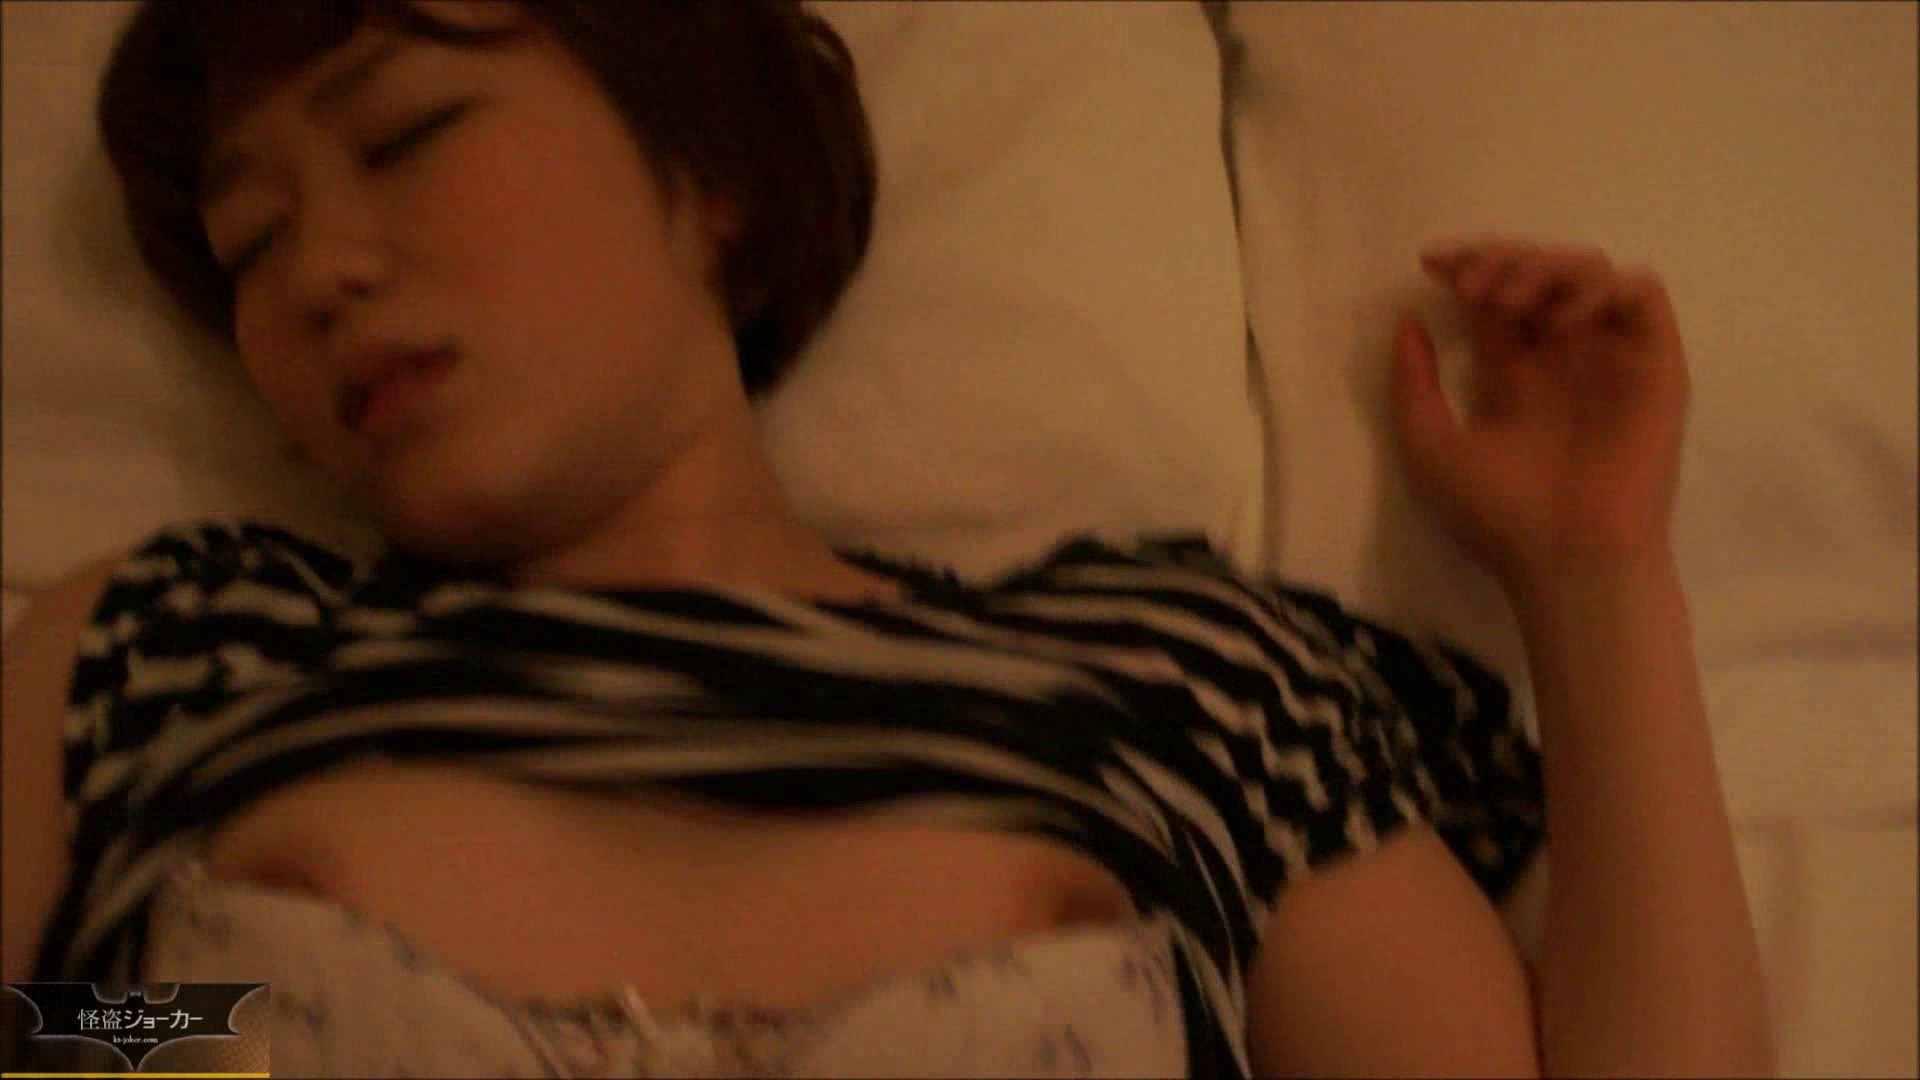 vol.4【白衣の天使23歳】☆のりこちゃん☆ホテルお持ち帰り。朦朧のまま感じて ホテル  27連発 7